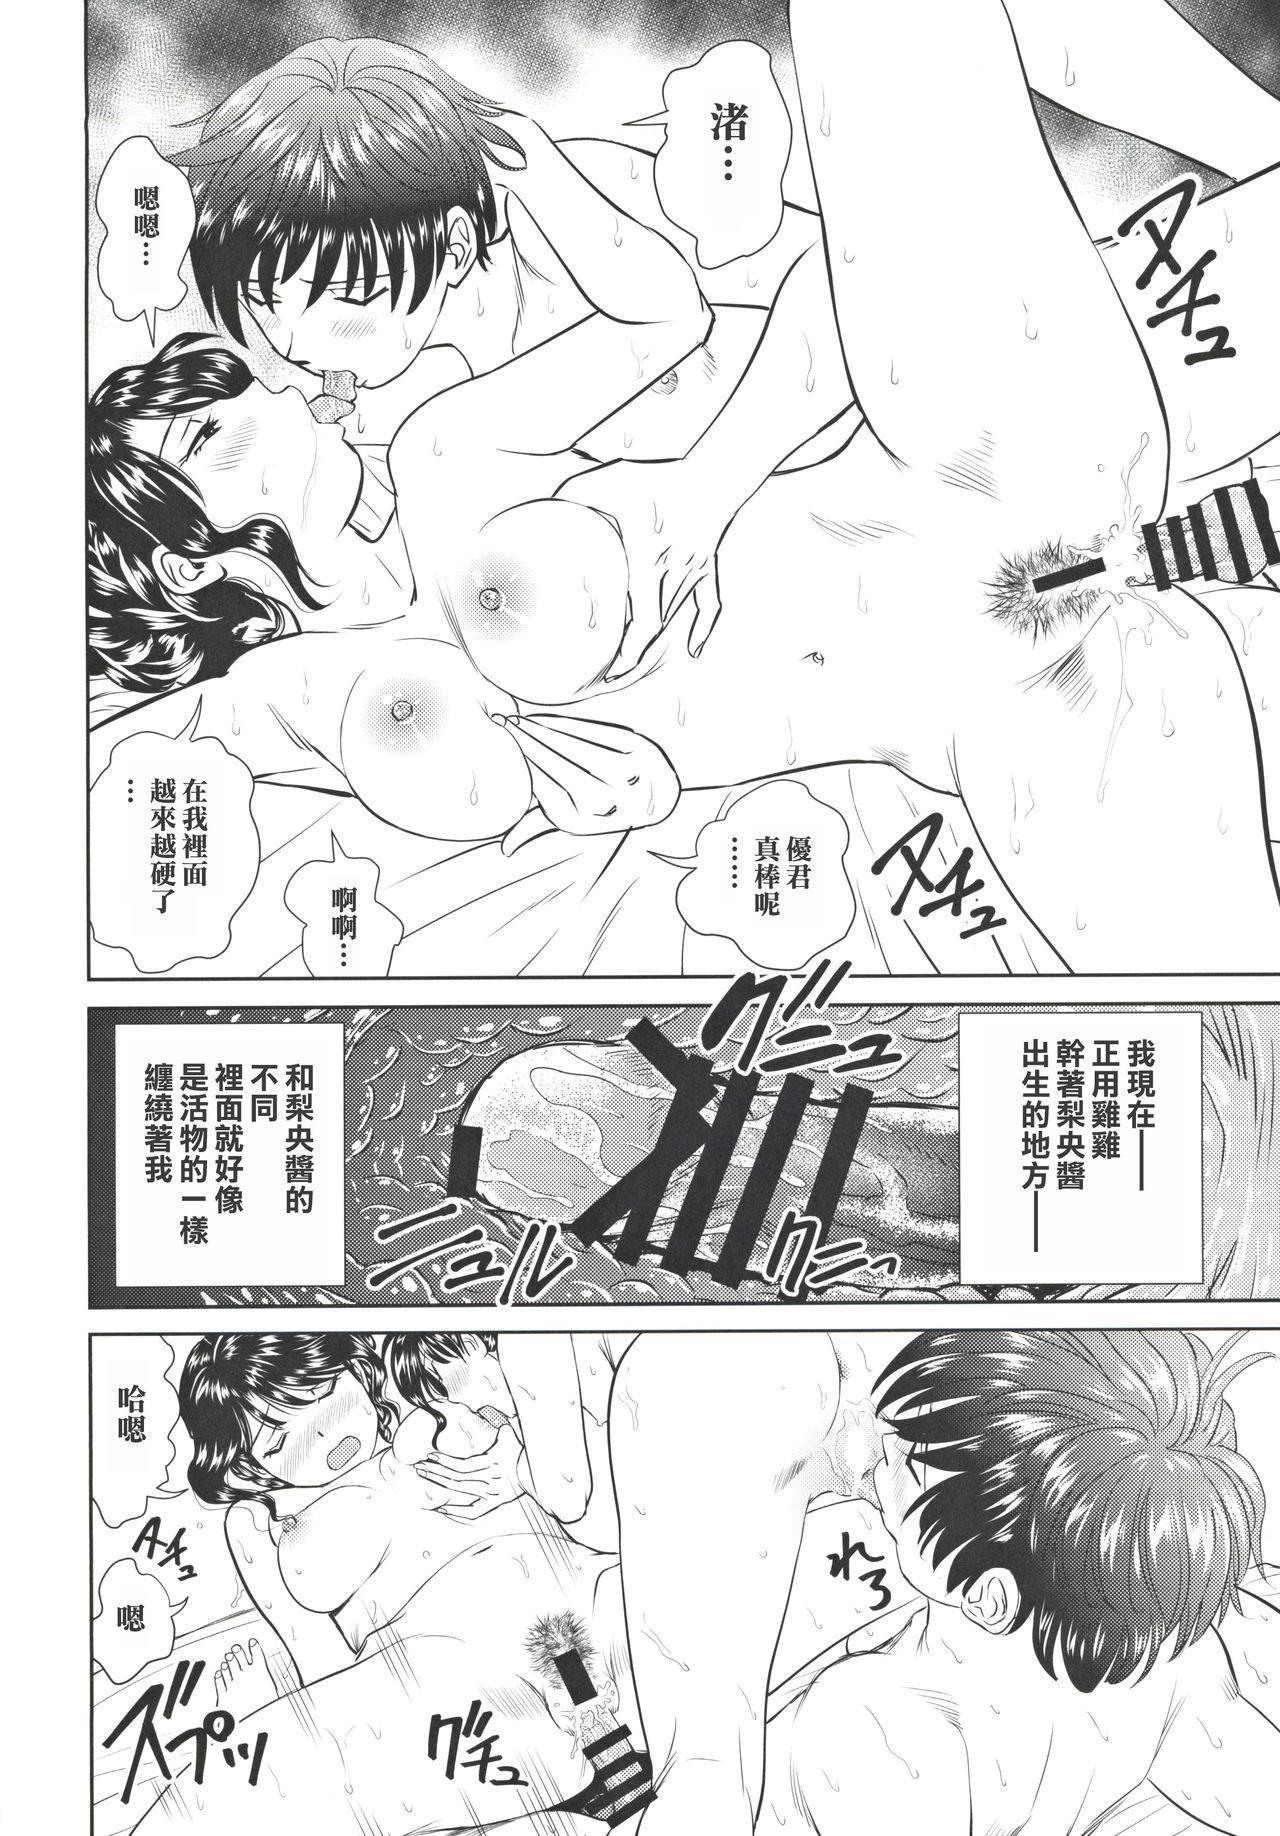 Tonari no Razoku 27